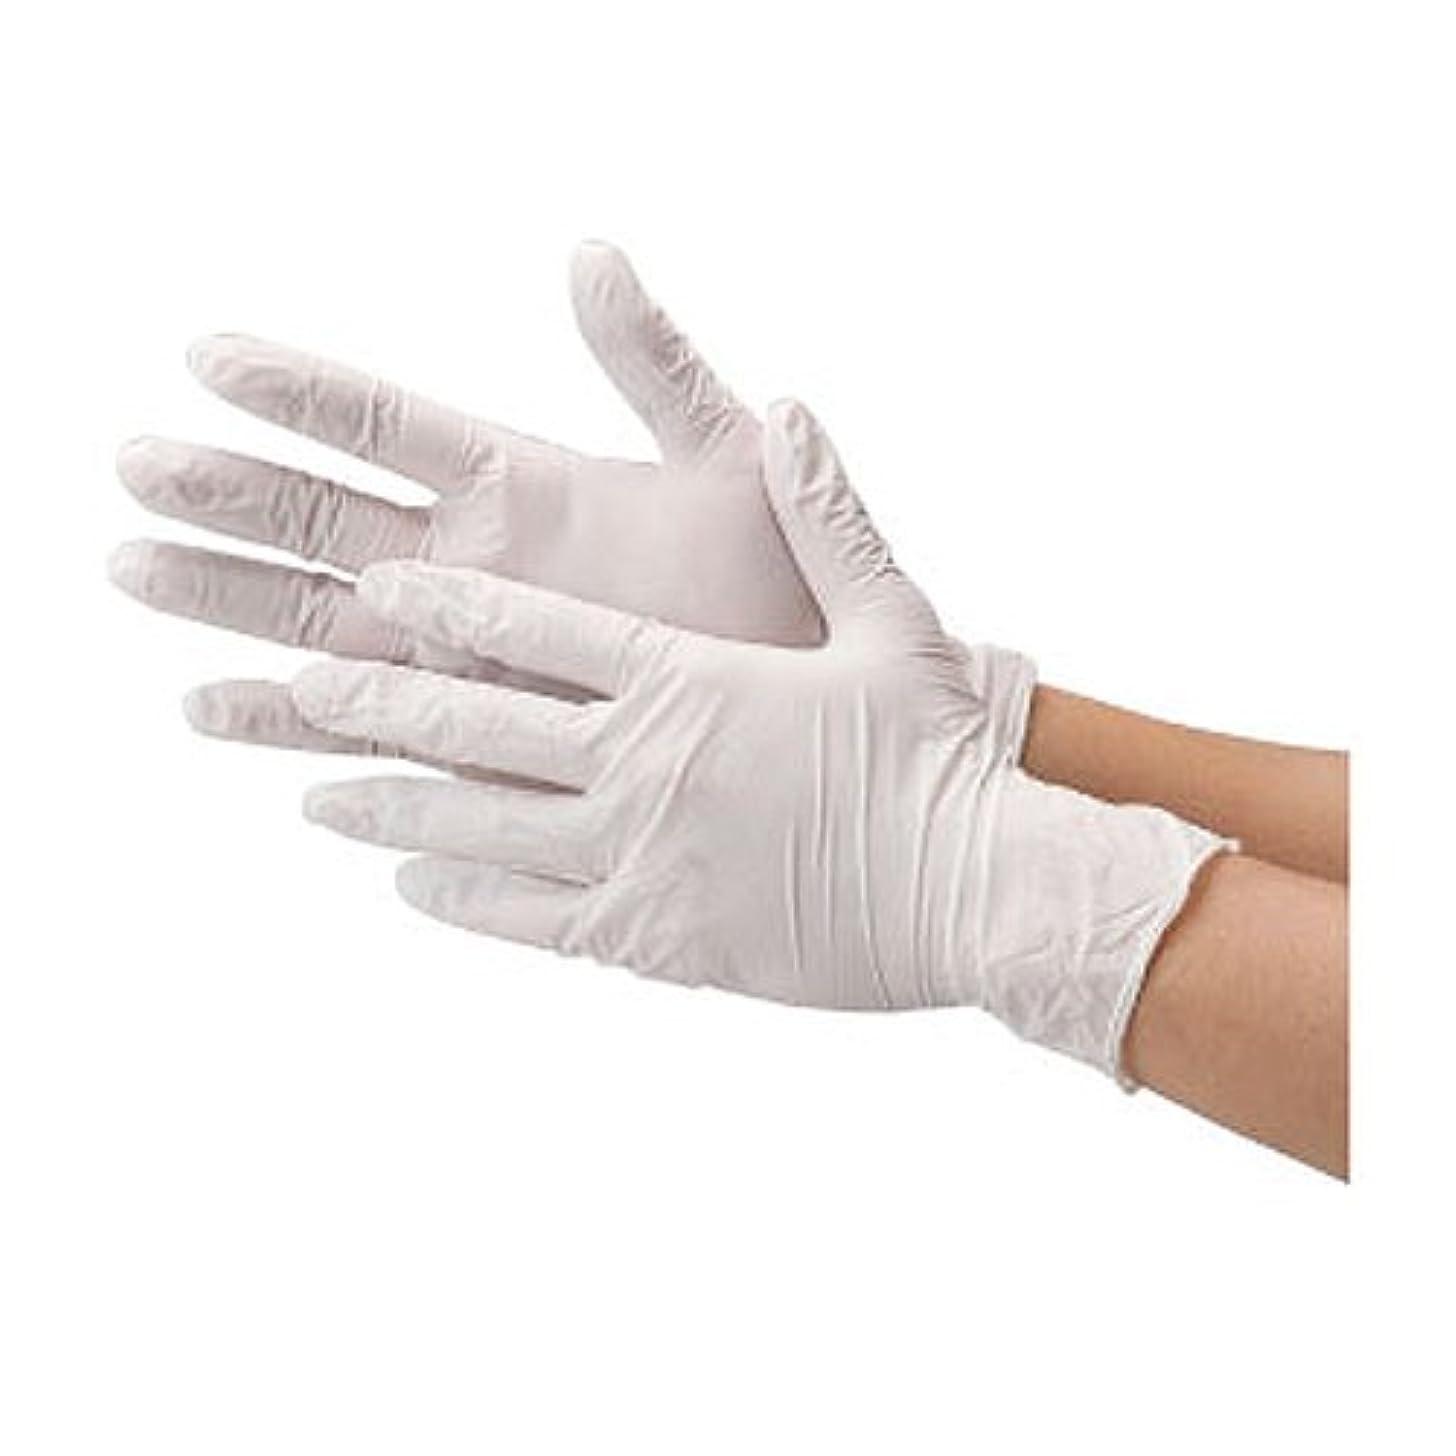 召集するに付けるラッドヤードキップリング川西工業 ニトリル 使いきり手袋 ストロング 粉無 100枚入り 2037 ホワイトS